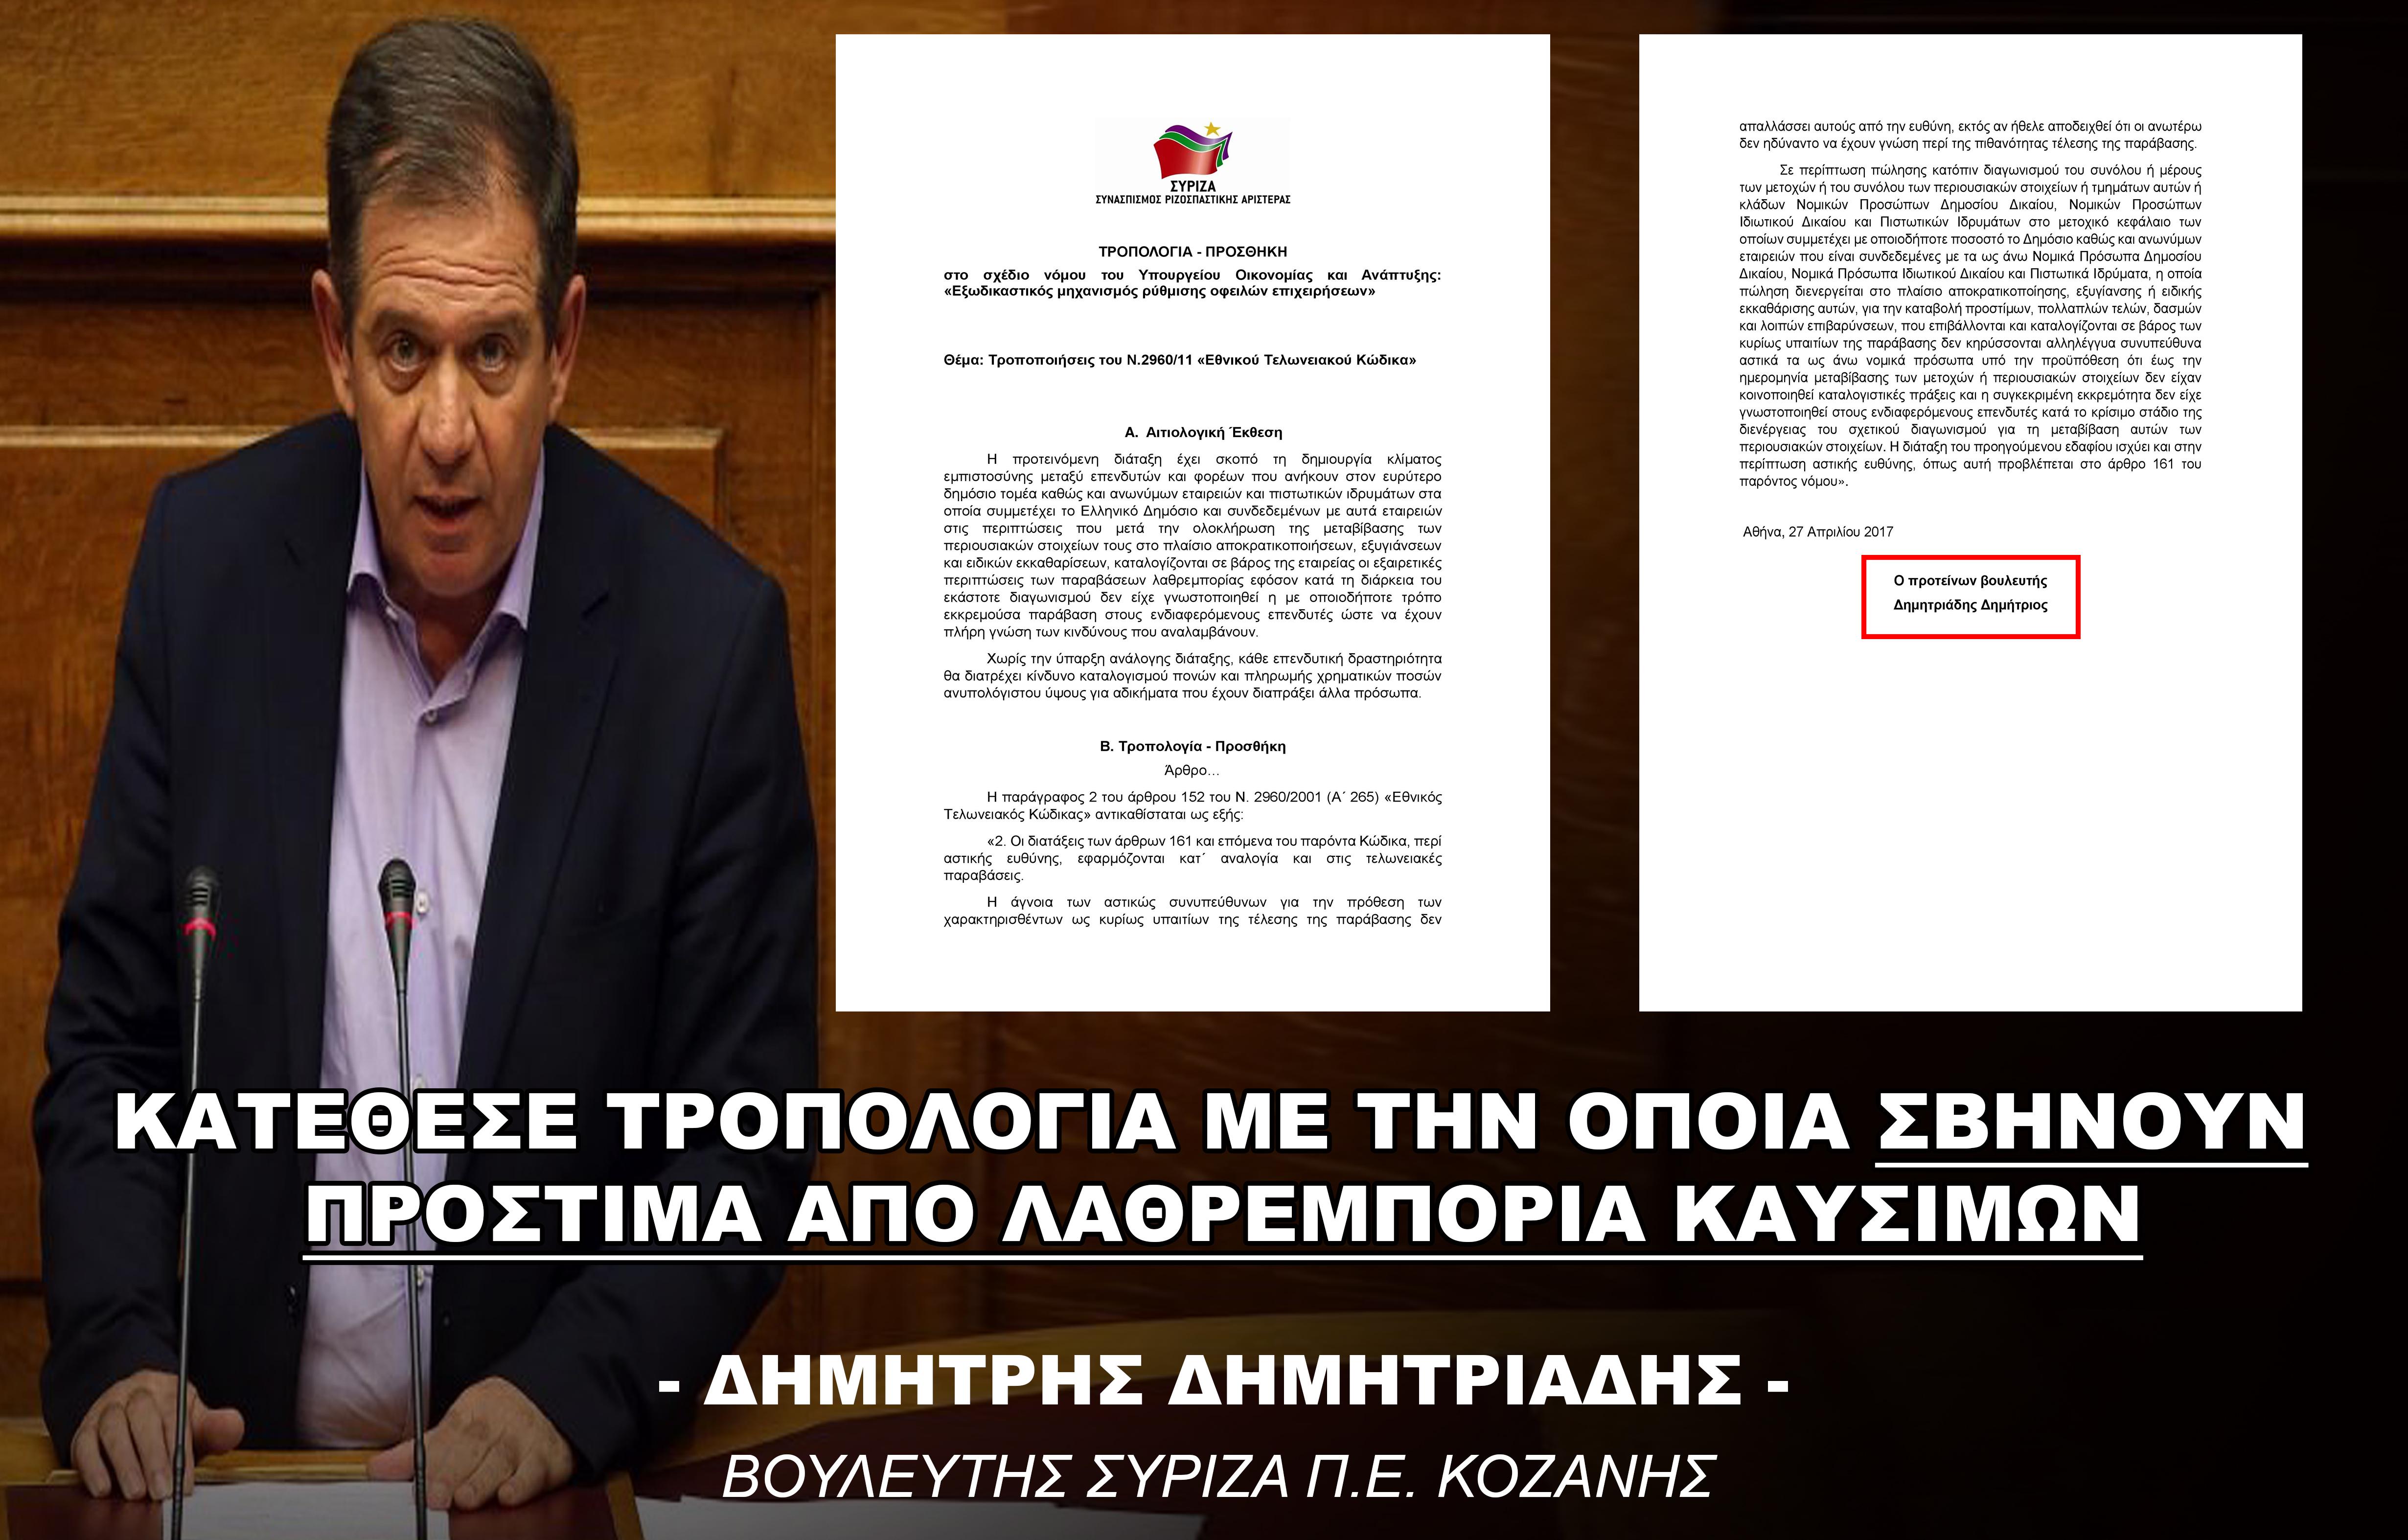 Ραχήλ Μακρή: «Ο δοτός βουλευτής ΣΥΡΙΖΑ Ν. Κοζάνης, εξυπηρετεί λαθρέμπορους καυσίμων»